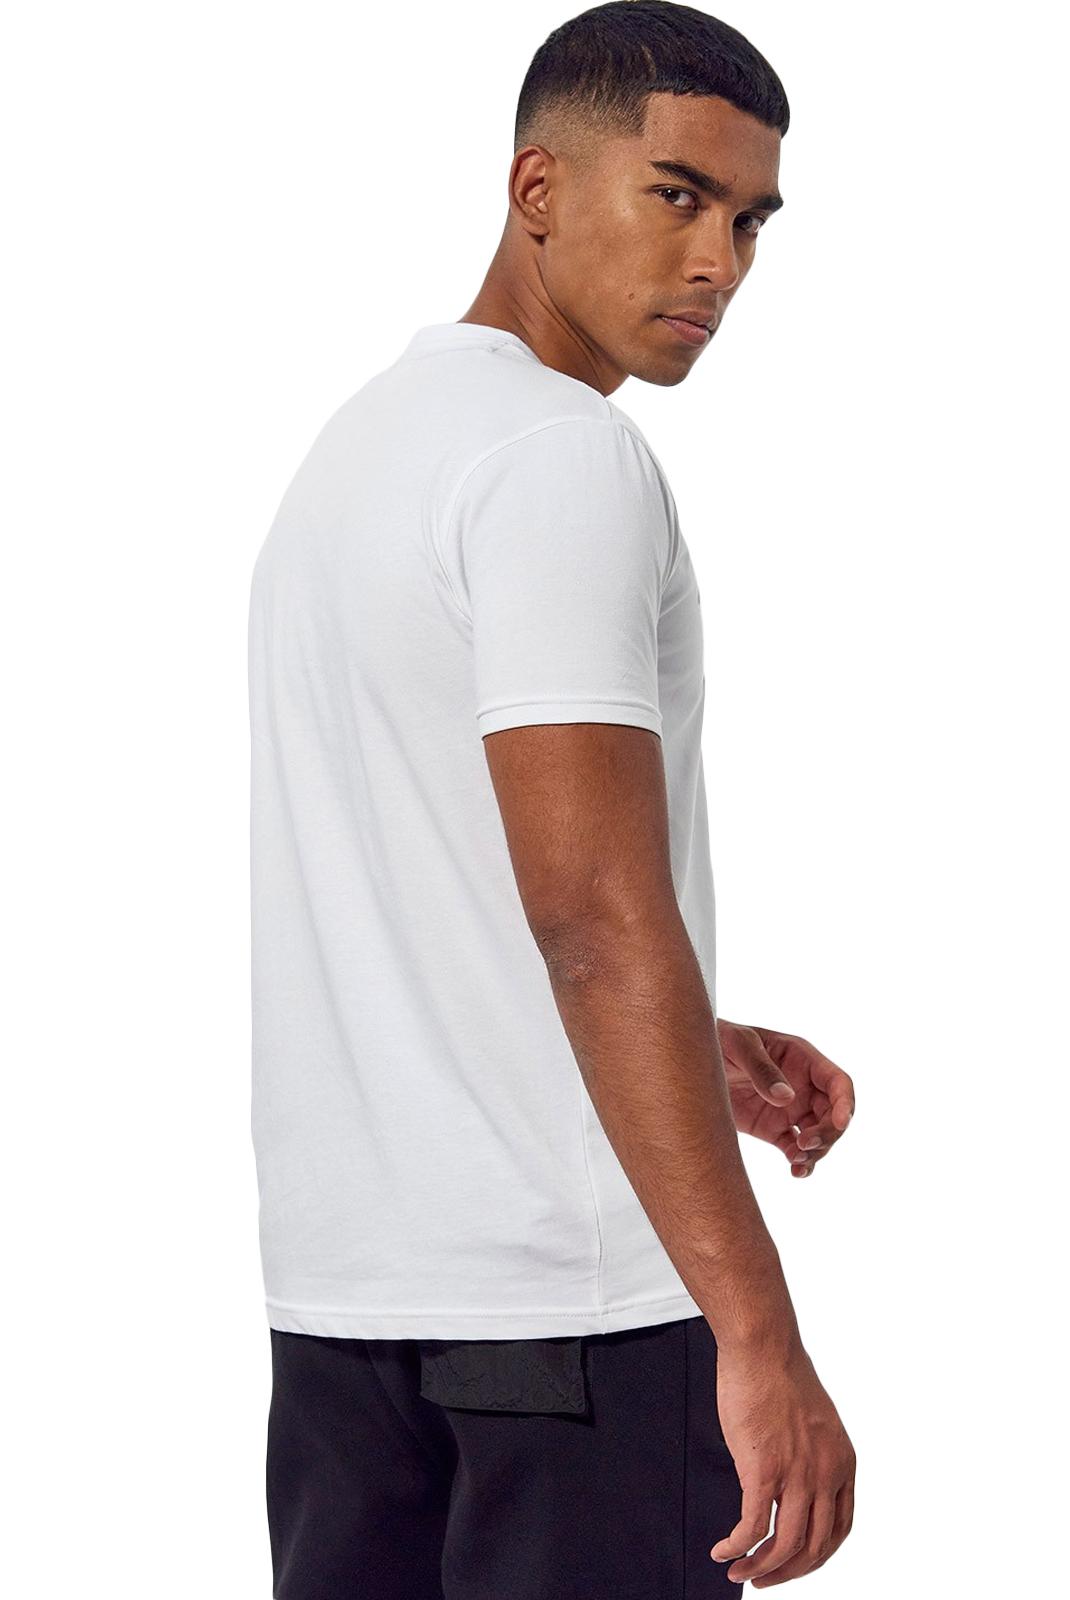 T-S manches courtes  Kaporal DALBI WHITE